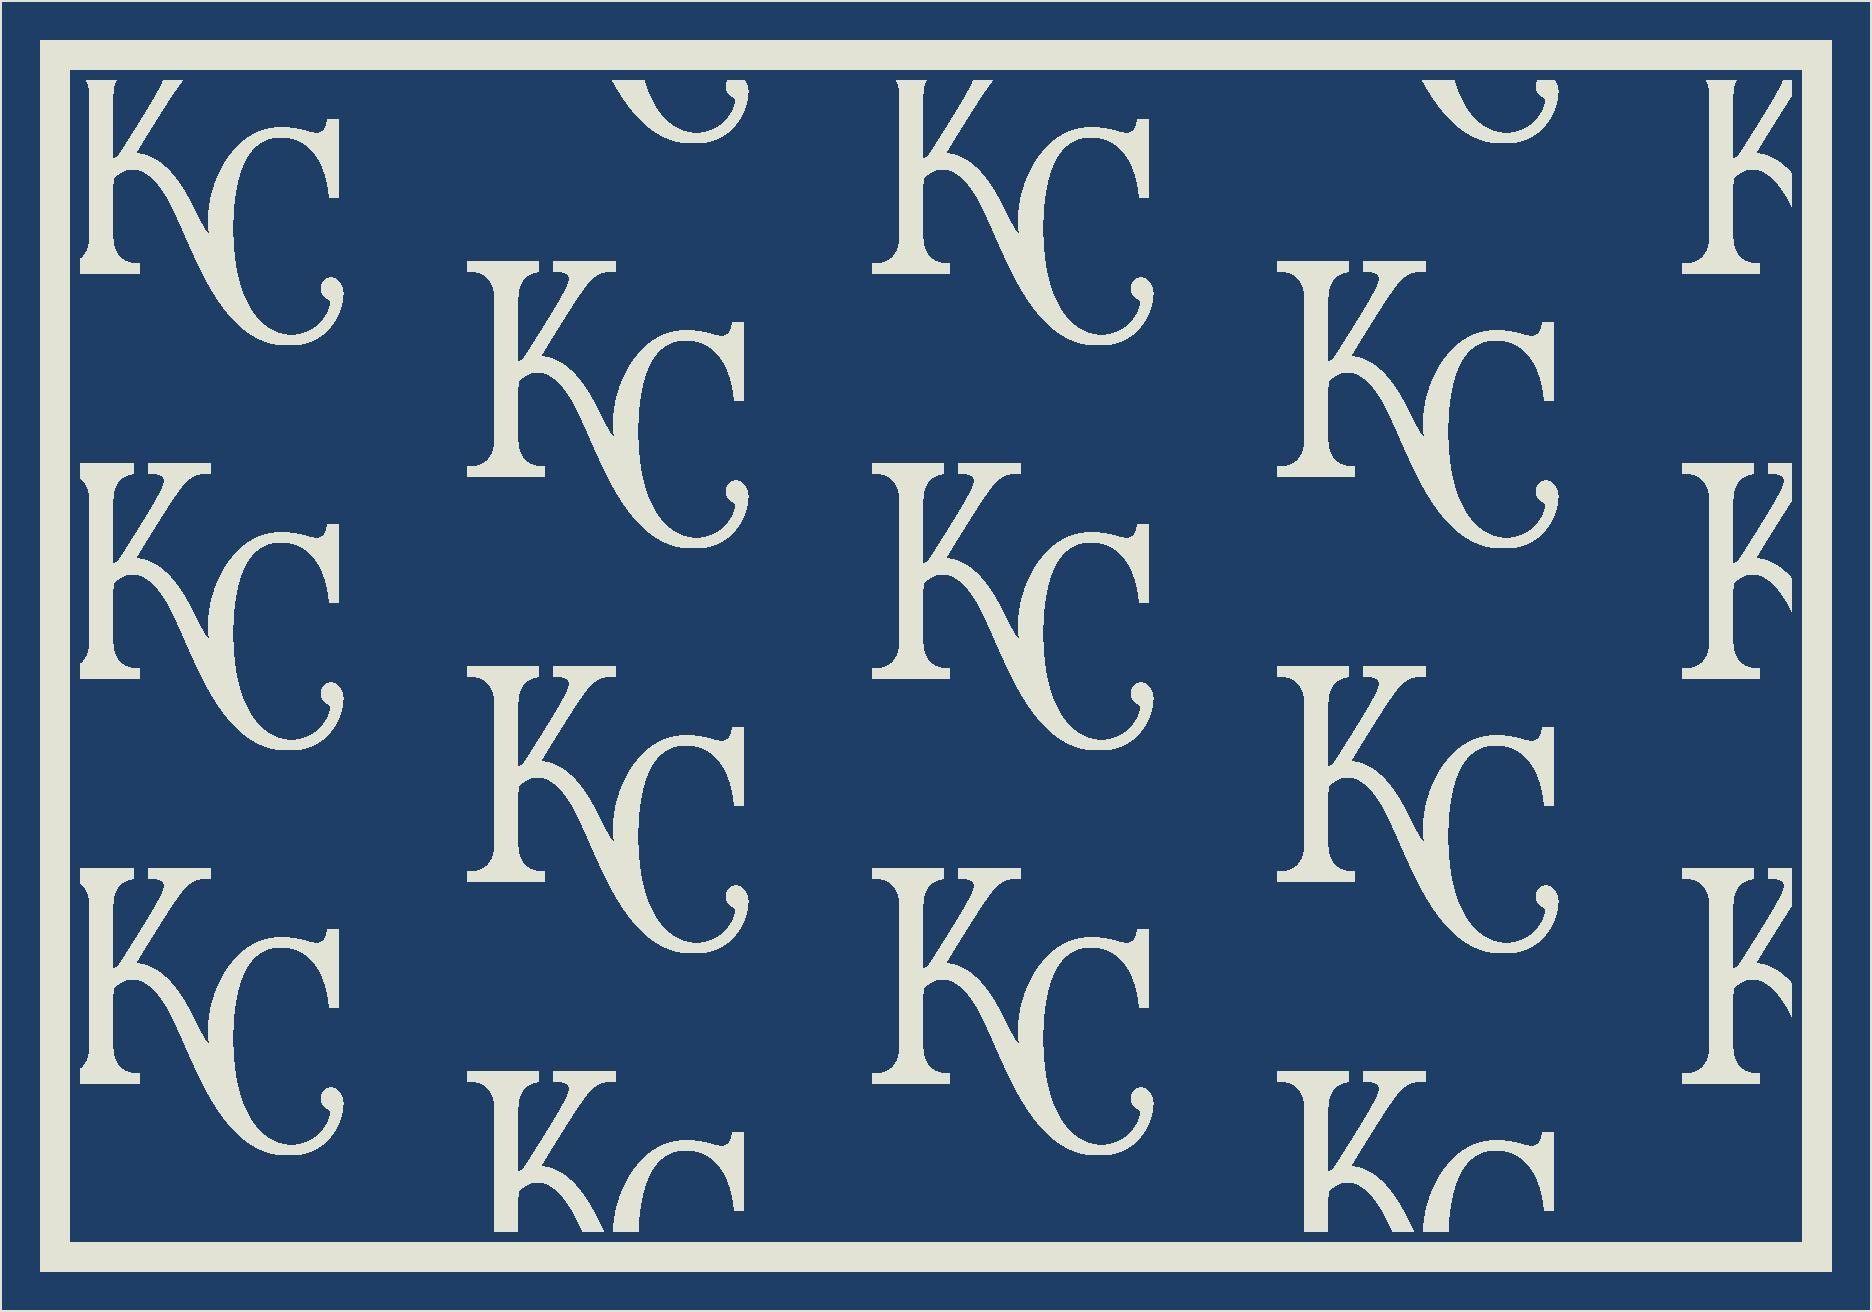 Royals Baseball Wallpaper Wallpapersafari Chiefs Wallpaper Baseball Wallpaper Screen Savers